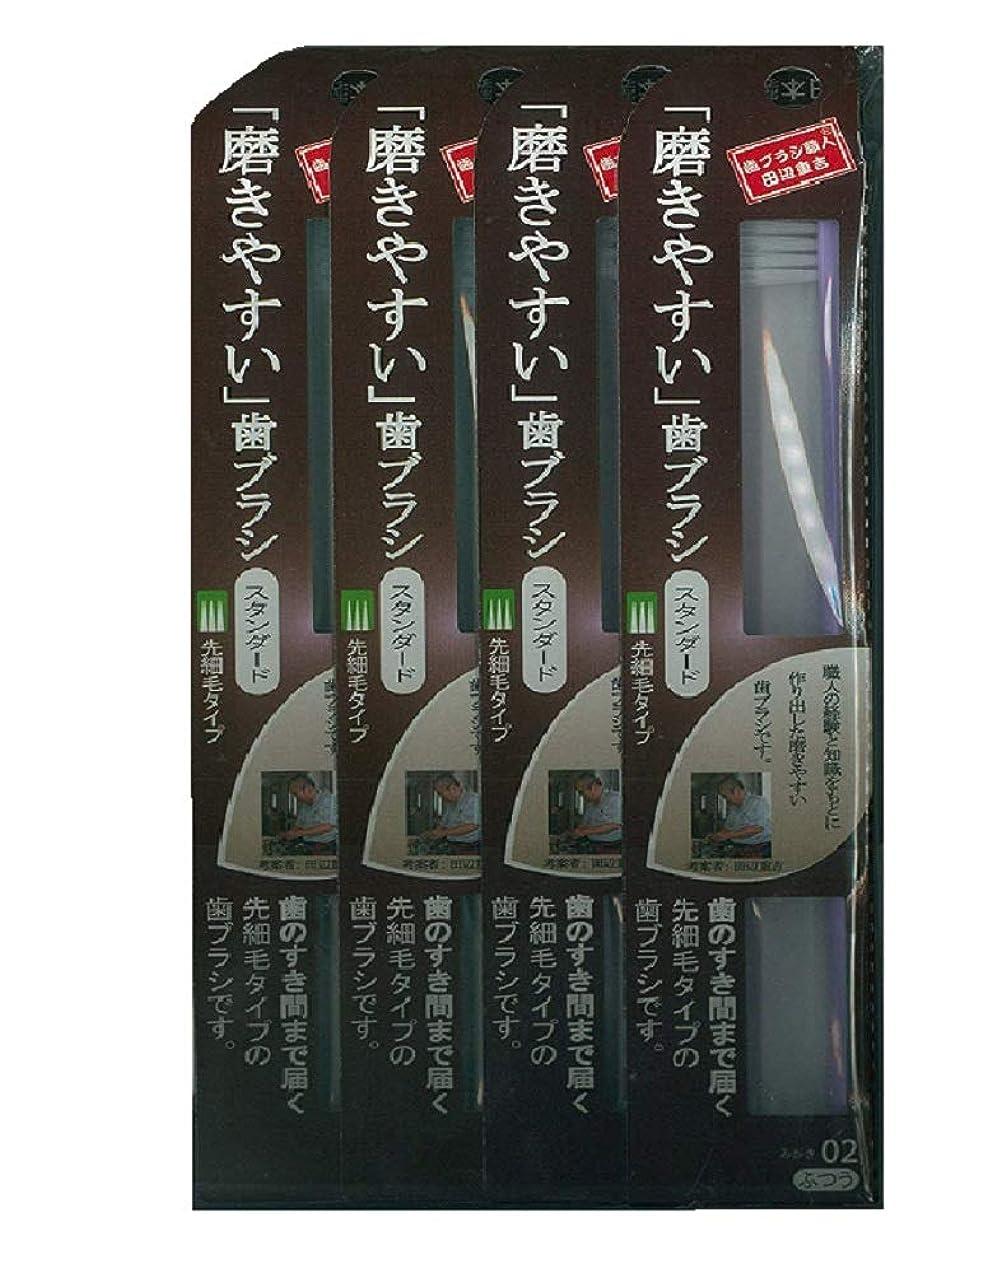 捧げる小道コーチ歯ブラシ職人 田辺重吉 磨きやすい歯ブラシ スタンダード 先細毛タイプ LT-02(1本×4個セット)